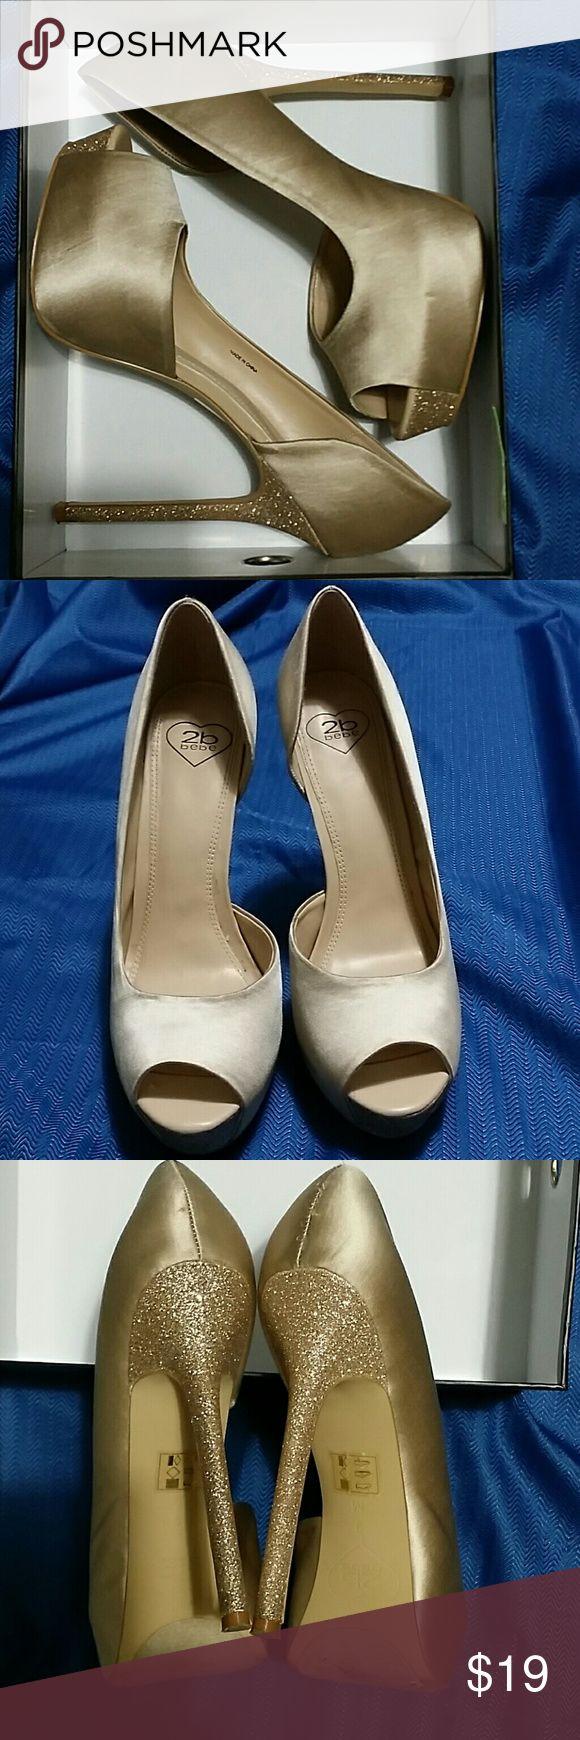 2b bebe Women's Shoes 2b bebe Women's Shoes (9 M) 2b bebe  Shoes Heels